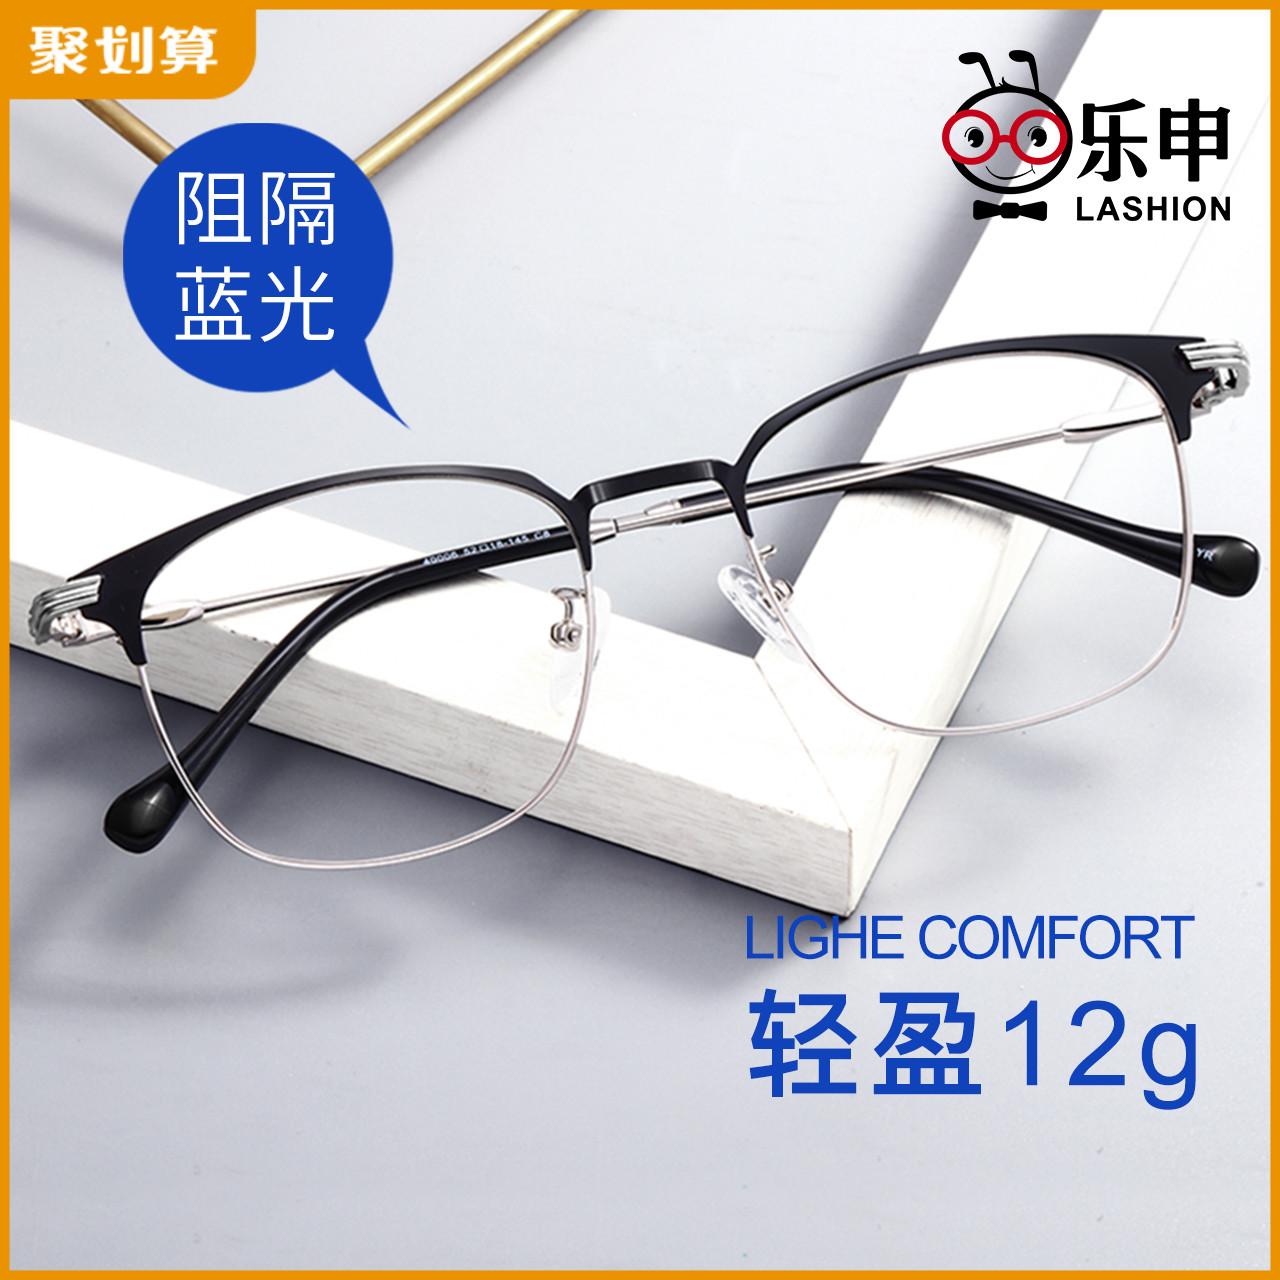 乐申近视眼镜框男士潮防蓝光辐射眼睛可配无度数平光平面镜女镜架